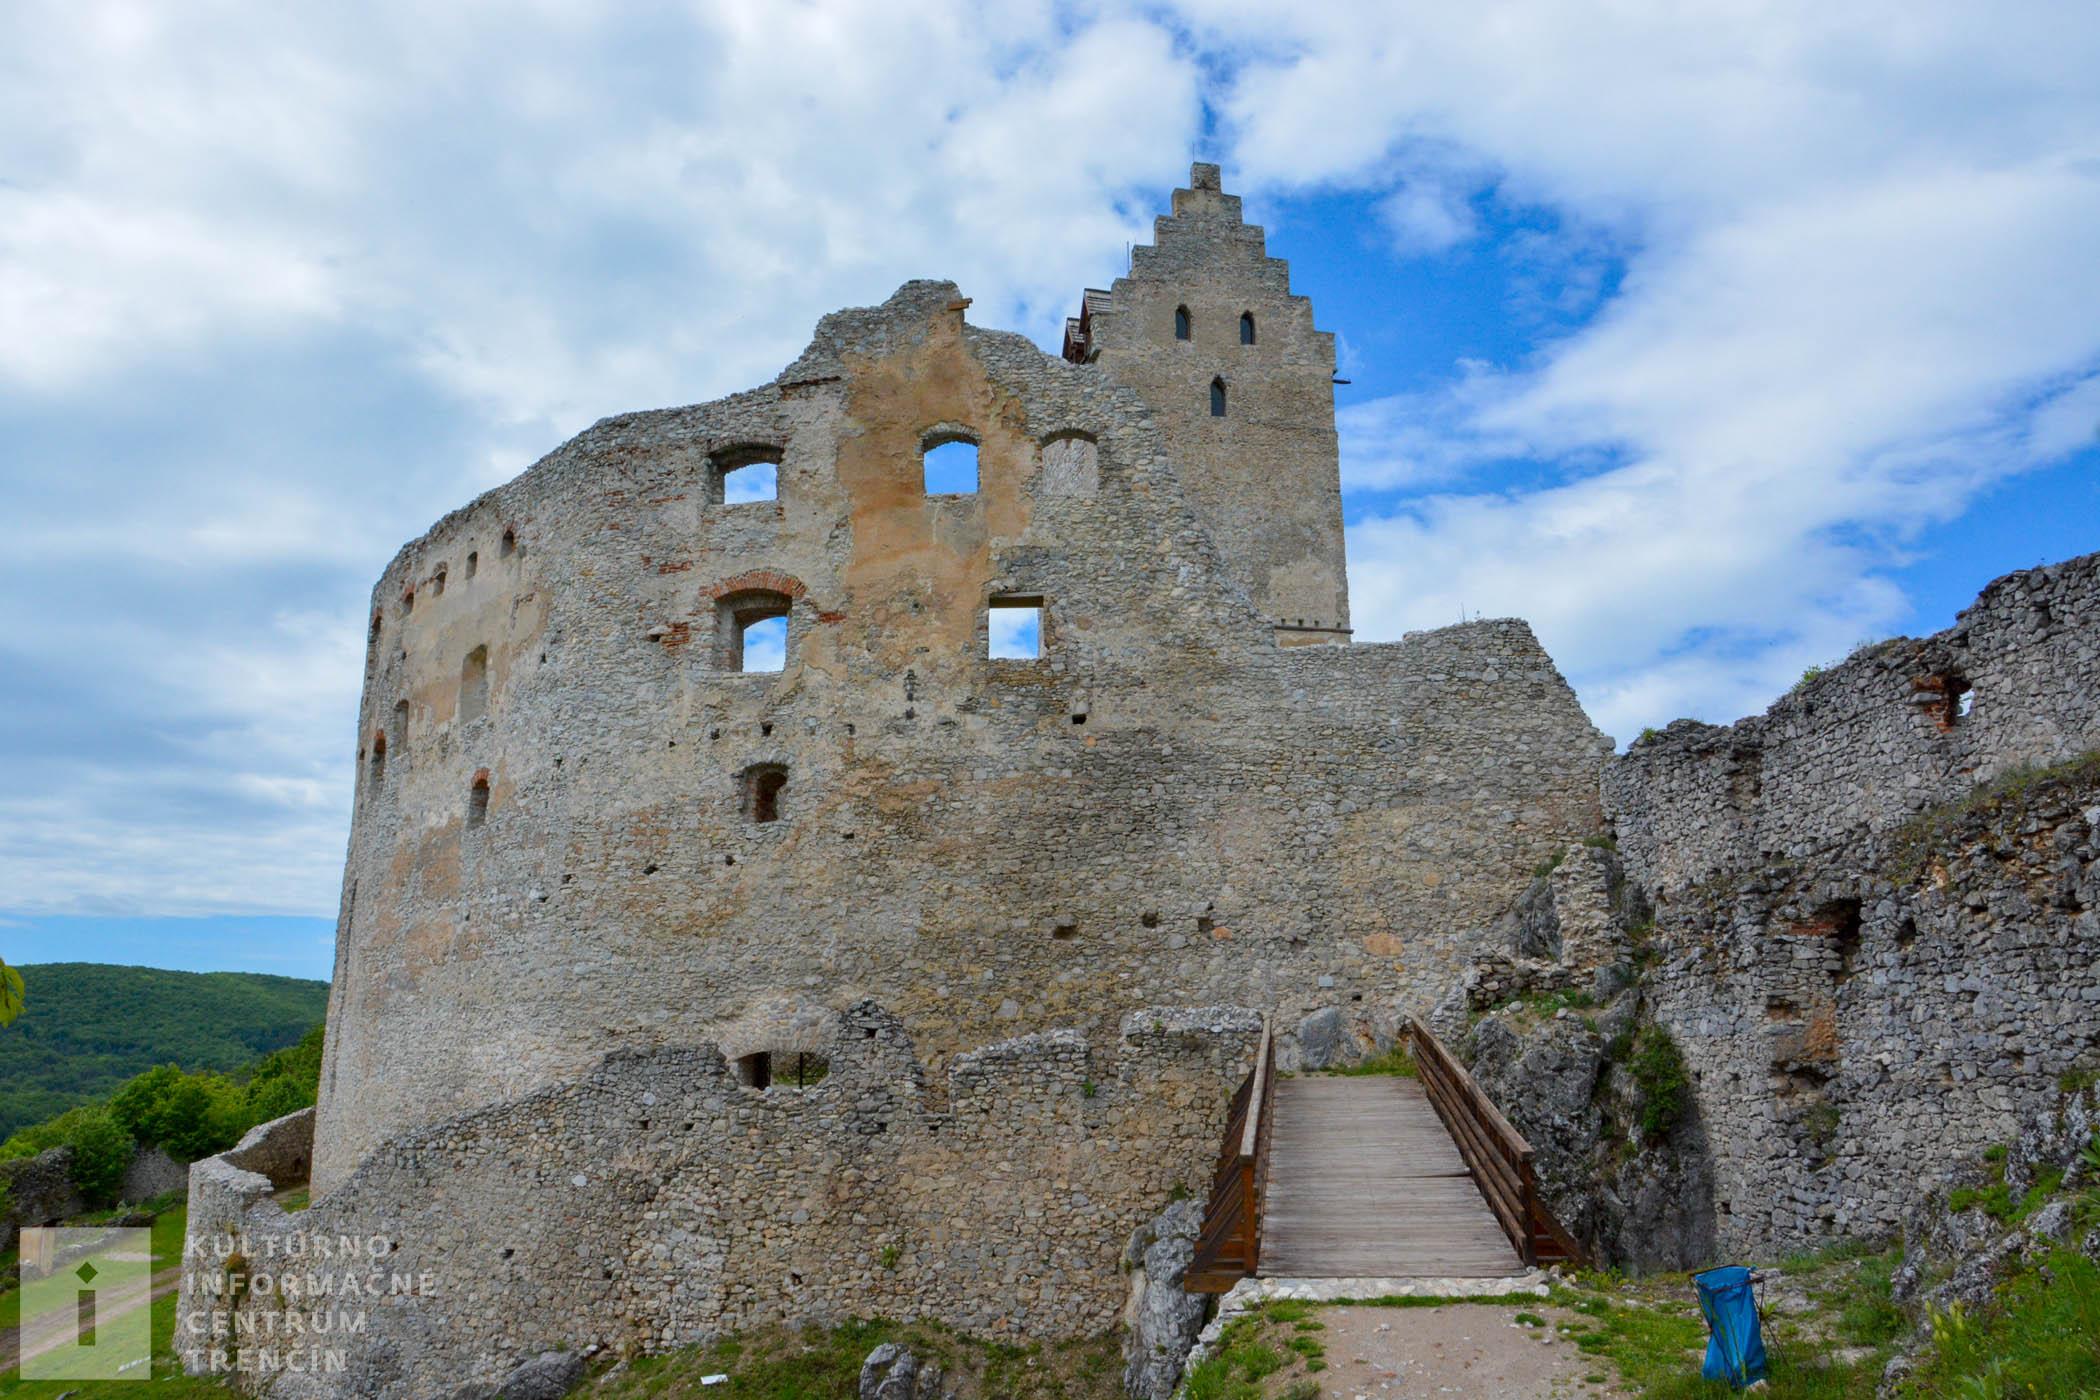 Prvá písomná zmienka o Topoľčiankom hrade pochádza z 13. storočia.